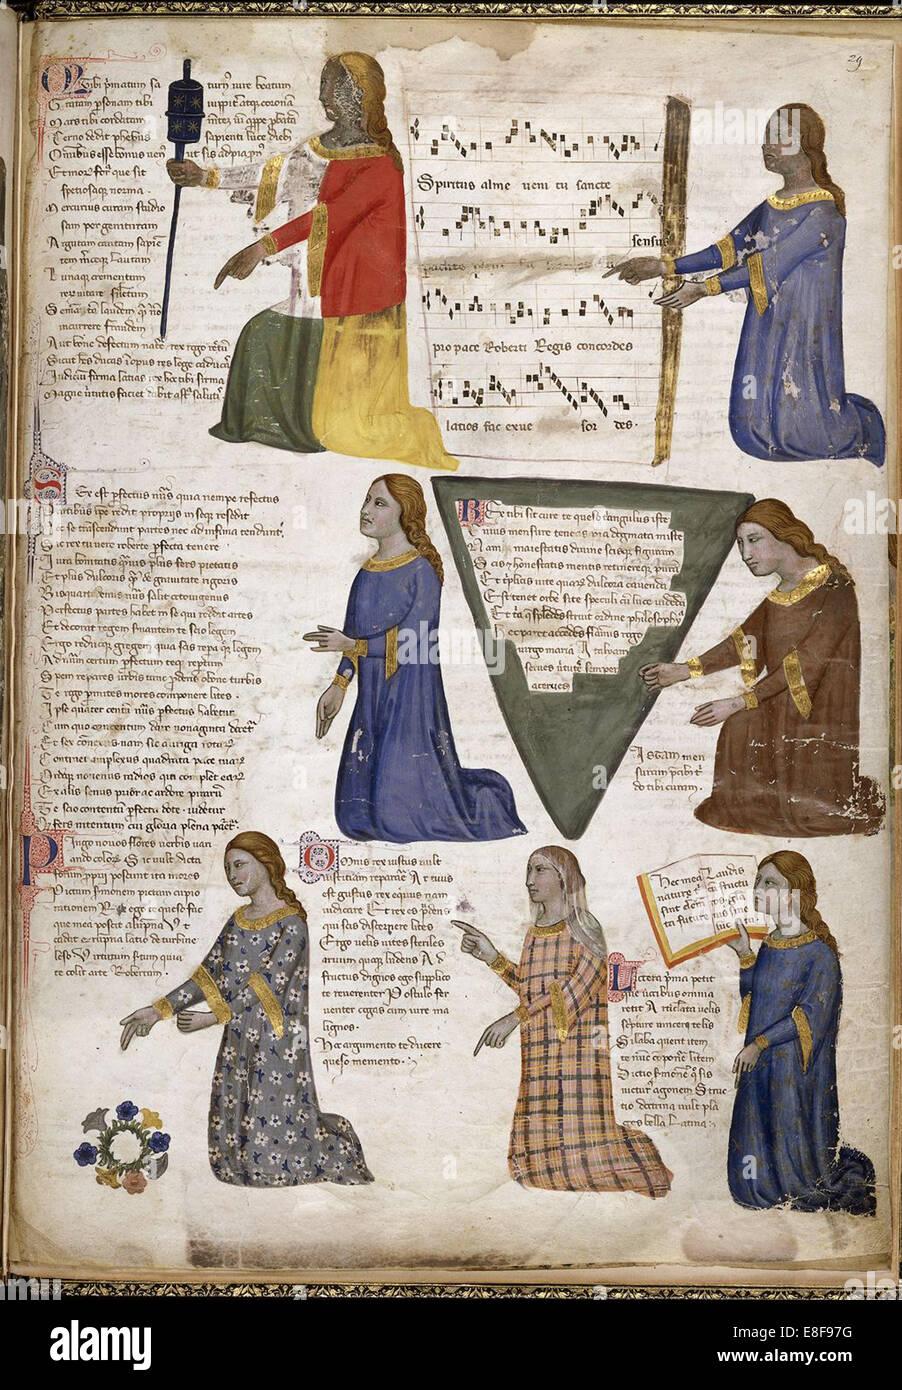 The Seven Liberal Arts (From Regia Carmina by Convenevole da Prato). Artist: Pacino di Buonaguida (active 1302-1343) - Stock Image